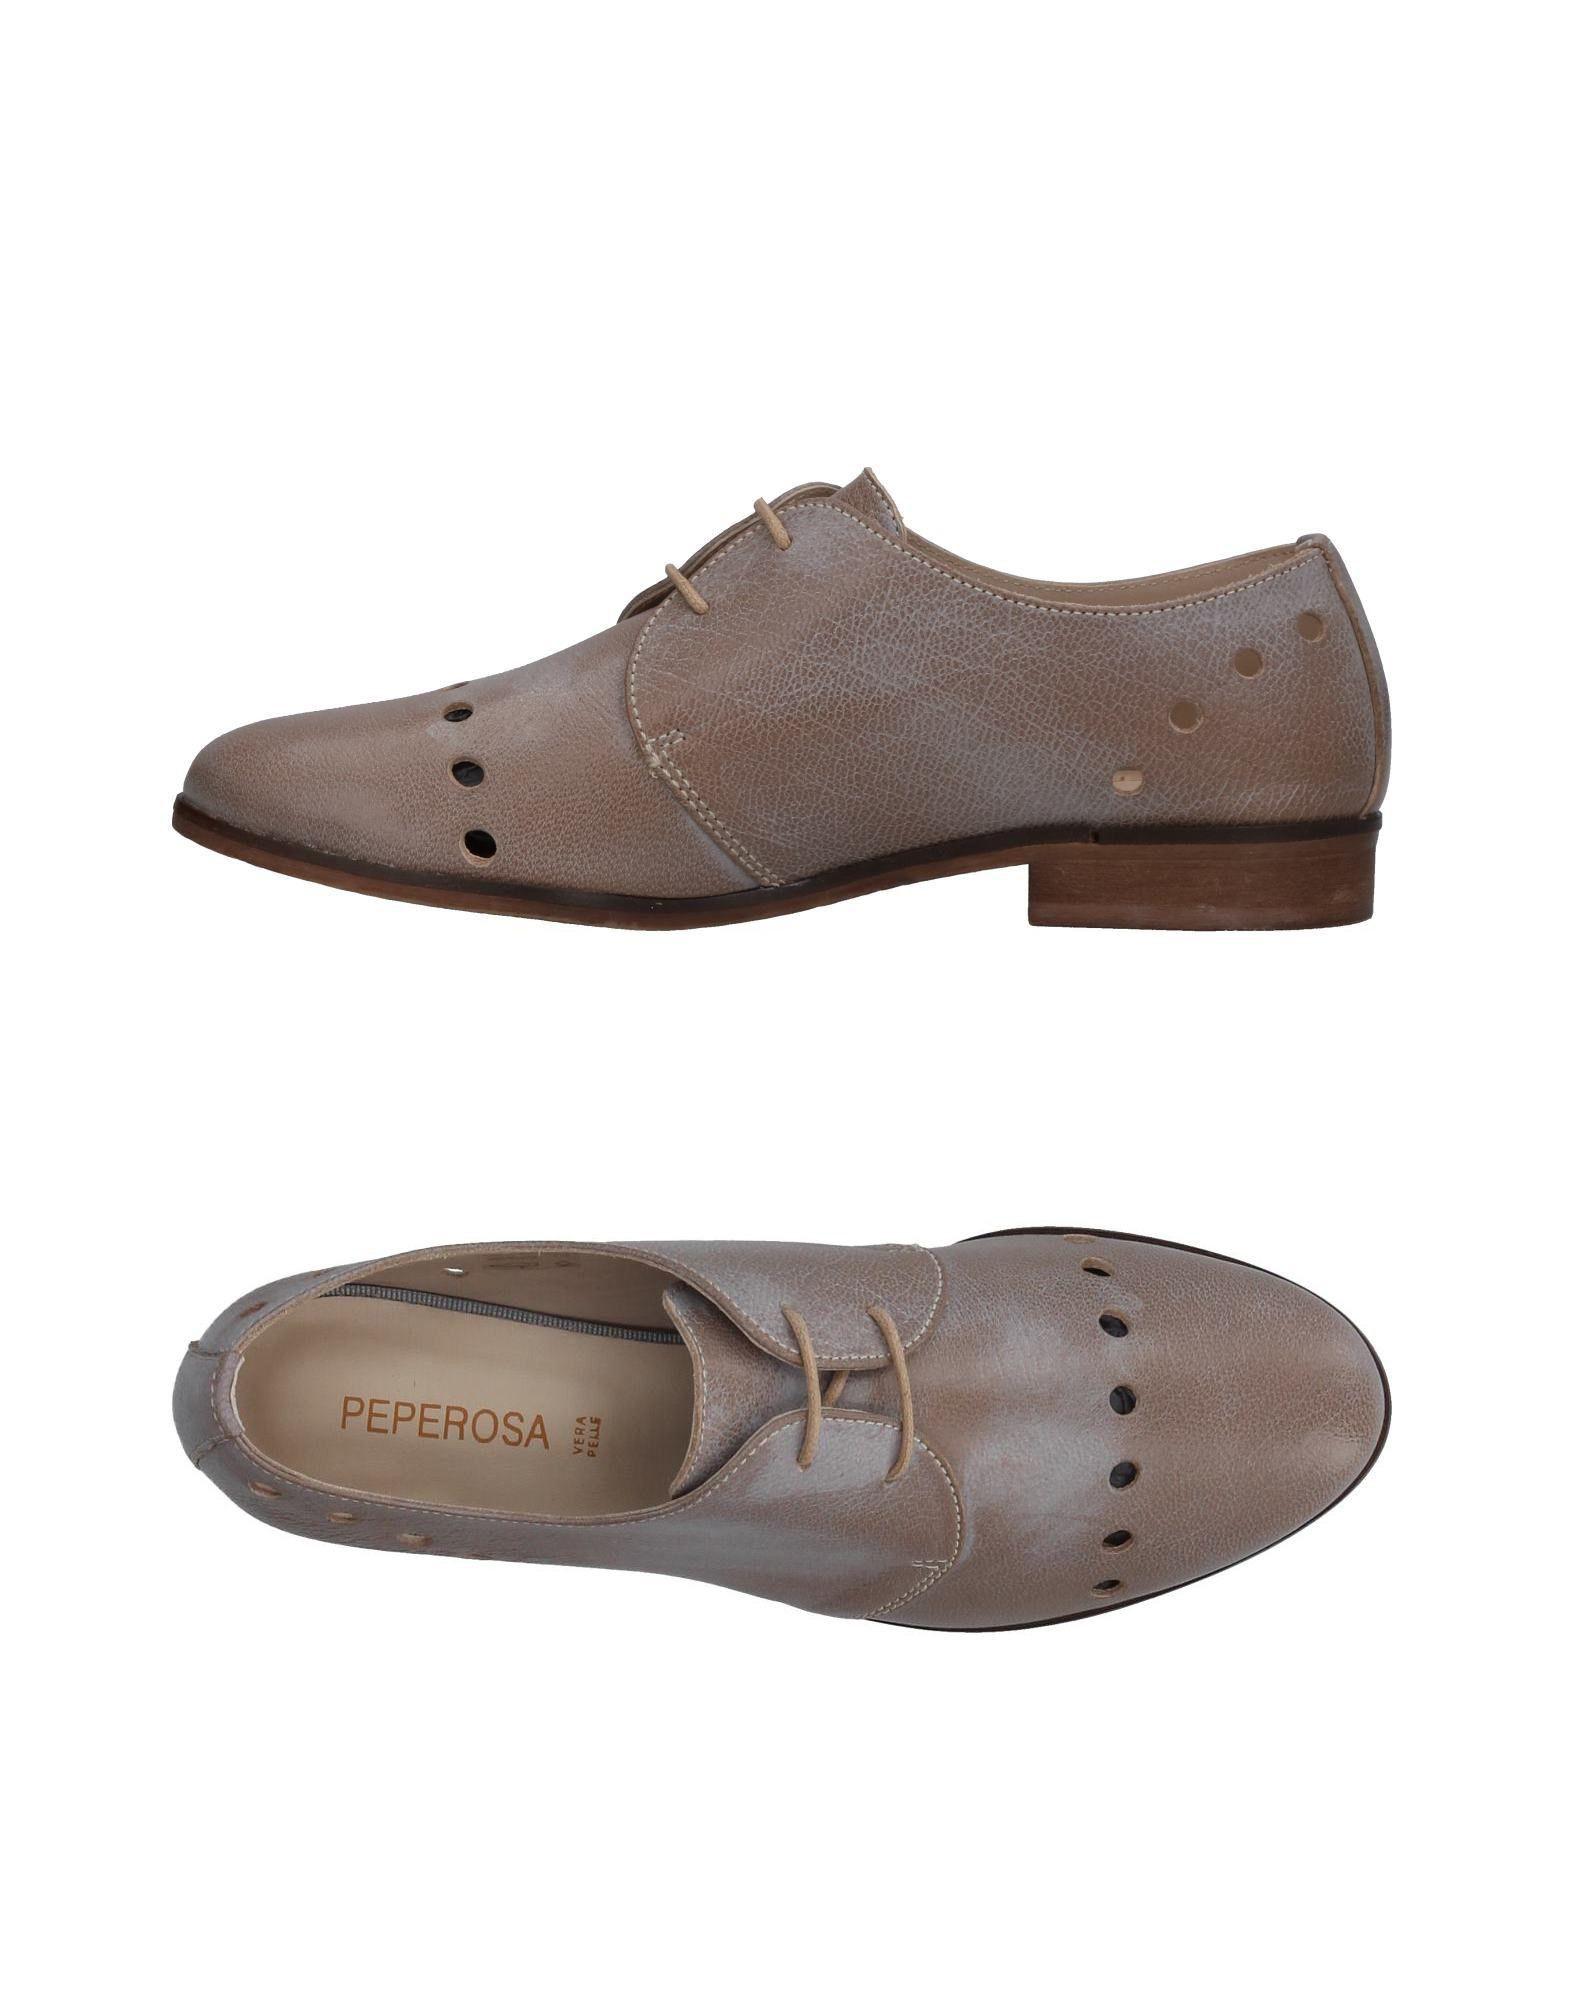 PEPEROSA Damen Schnürschuh Farbe Taubengrau Größe 5 jetztbilligerkaufen